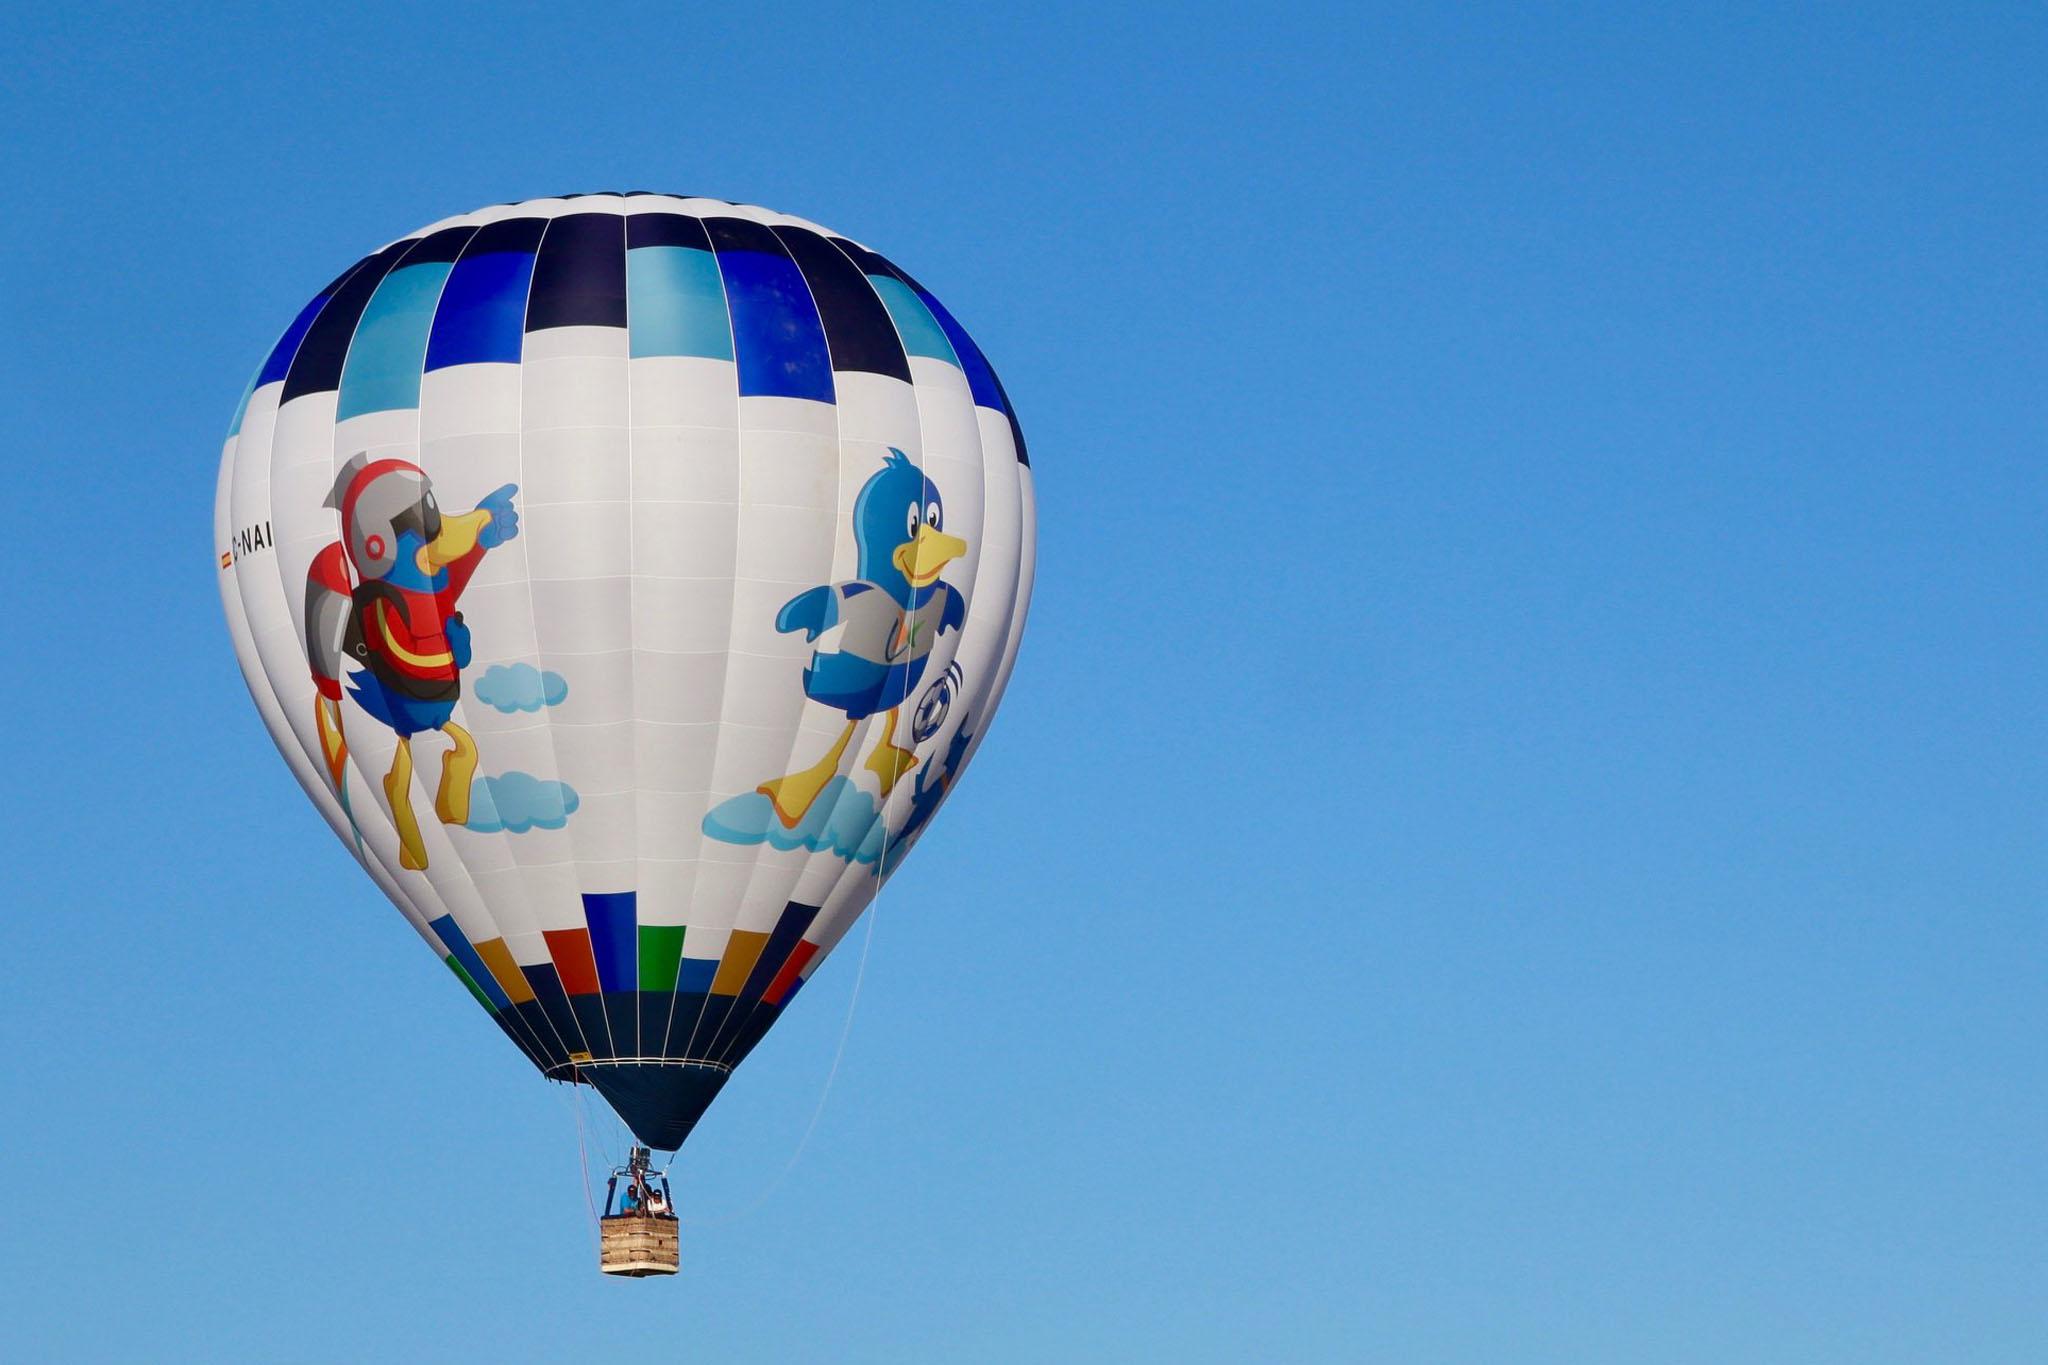 Vuela en globo cautivo para festejar celebraciones